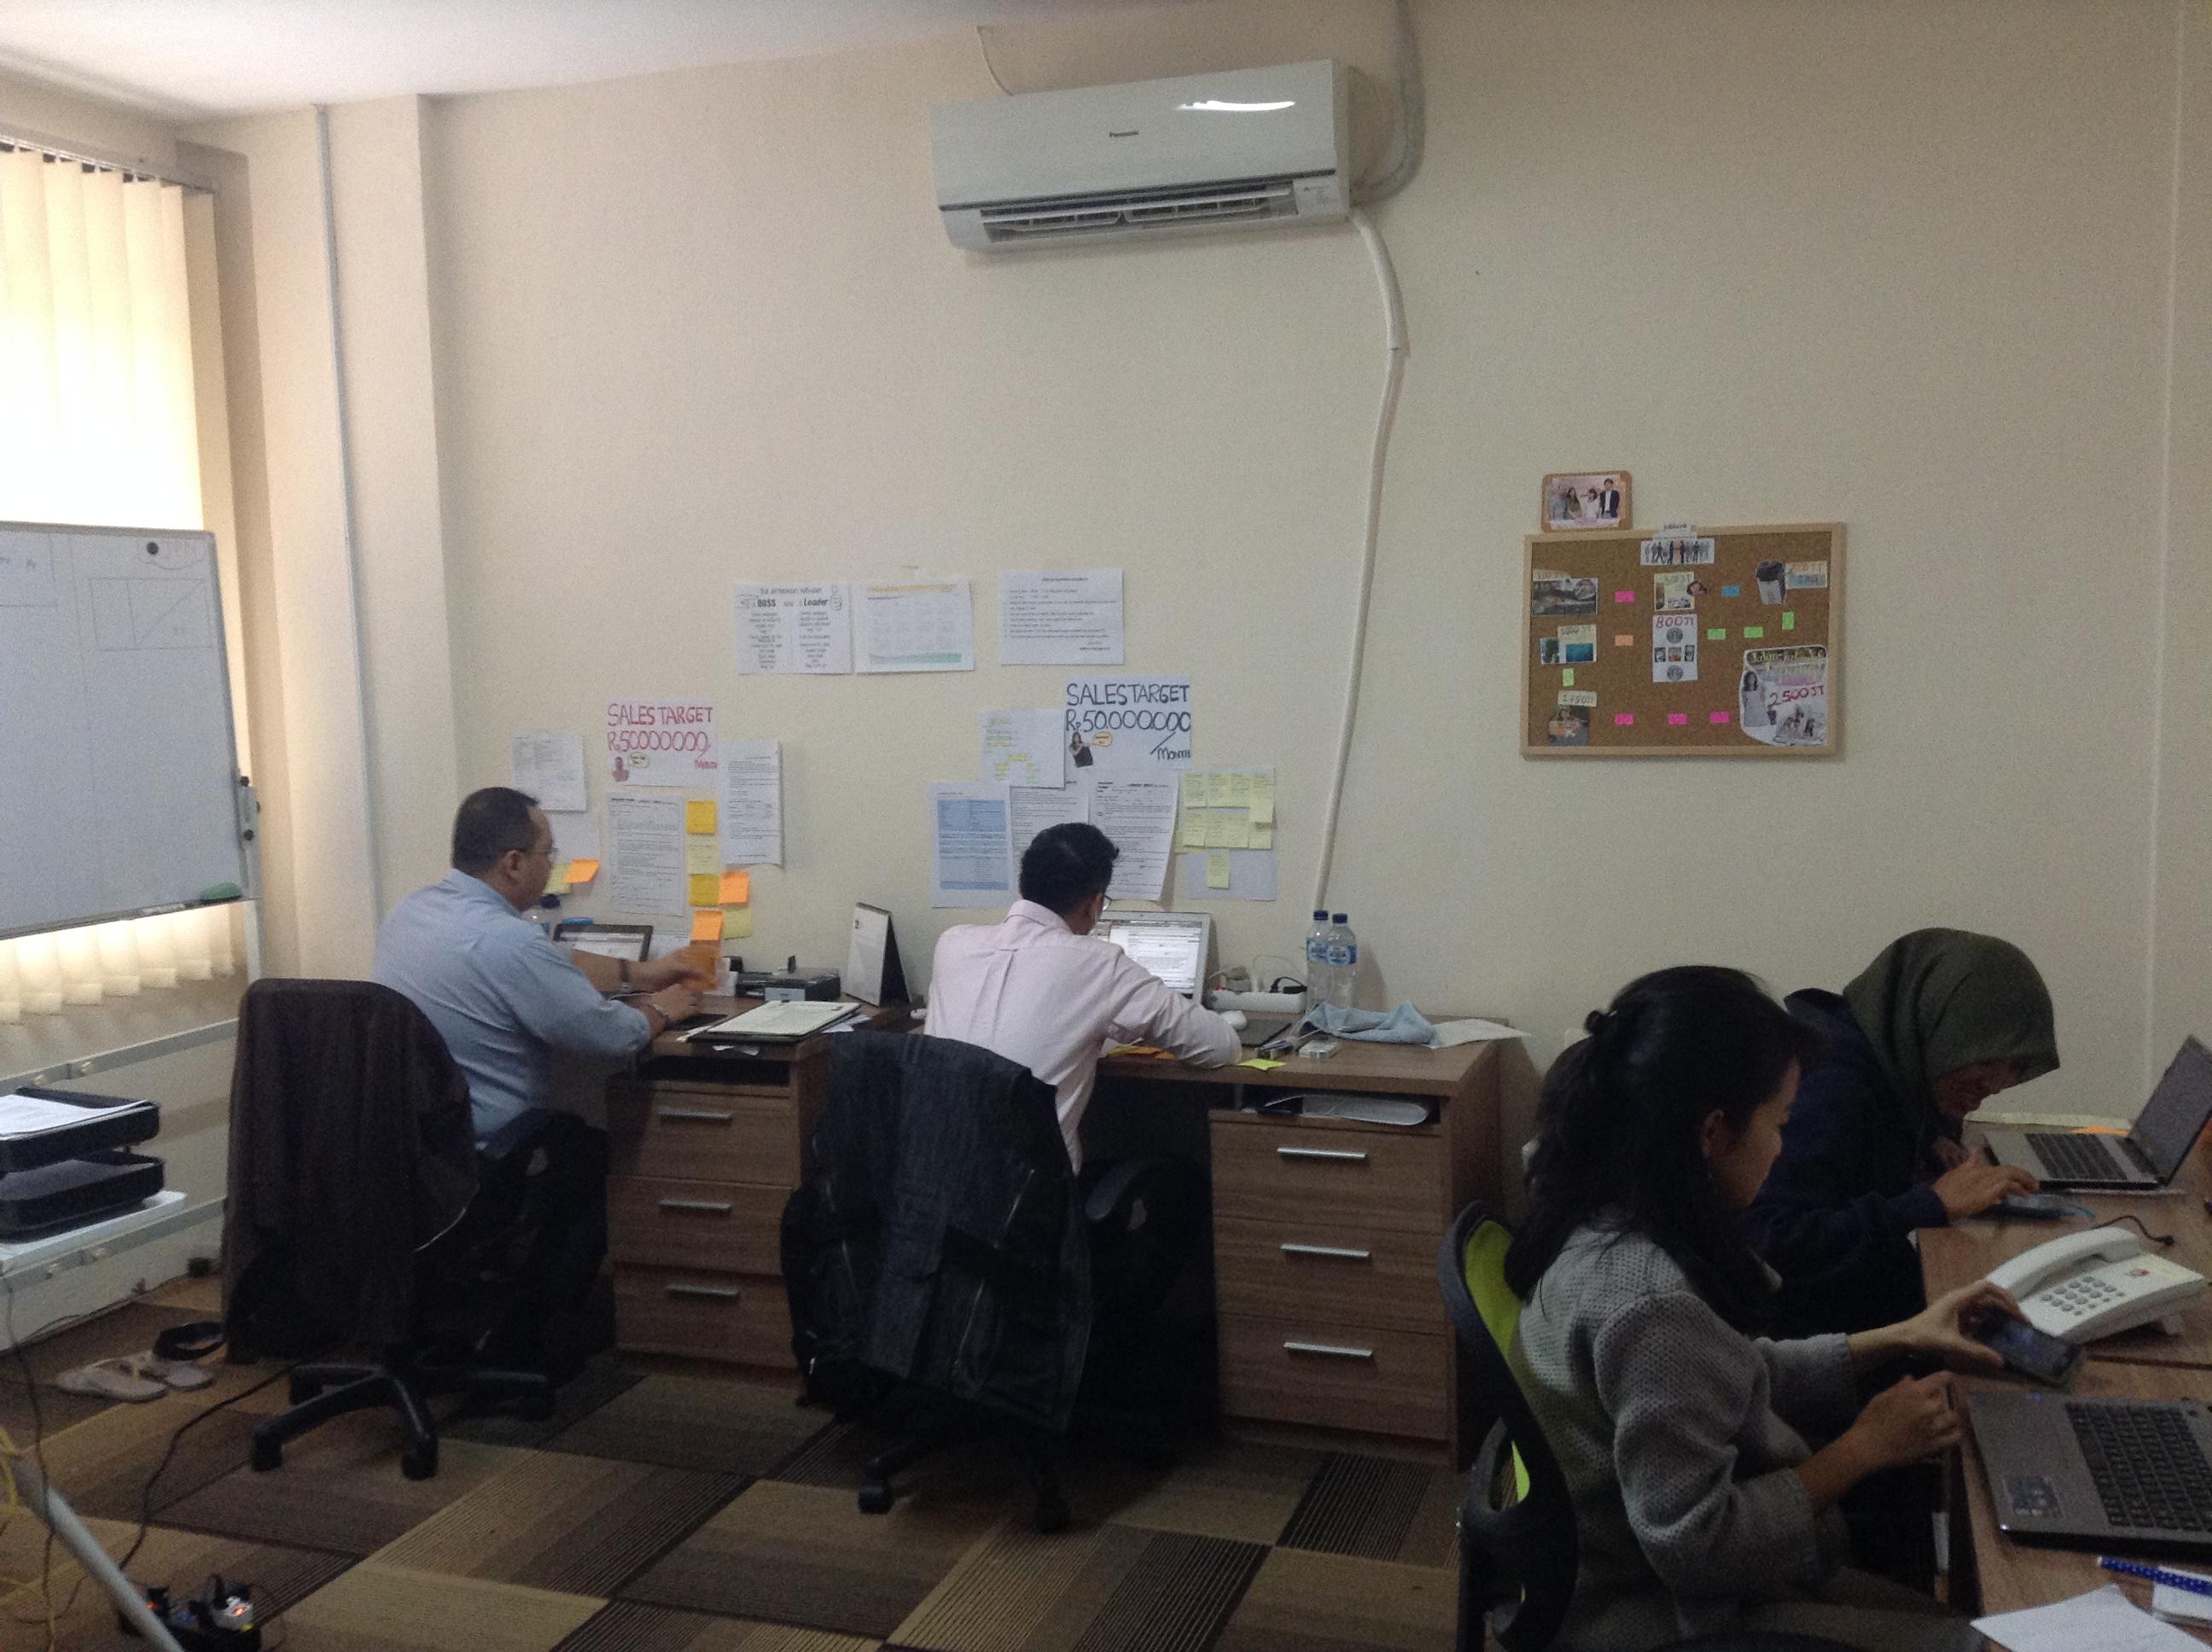 インドネシア ジャカルタの転職エージェント G.A.コンサルタンツ 社内の様子